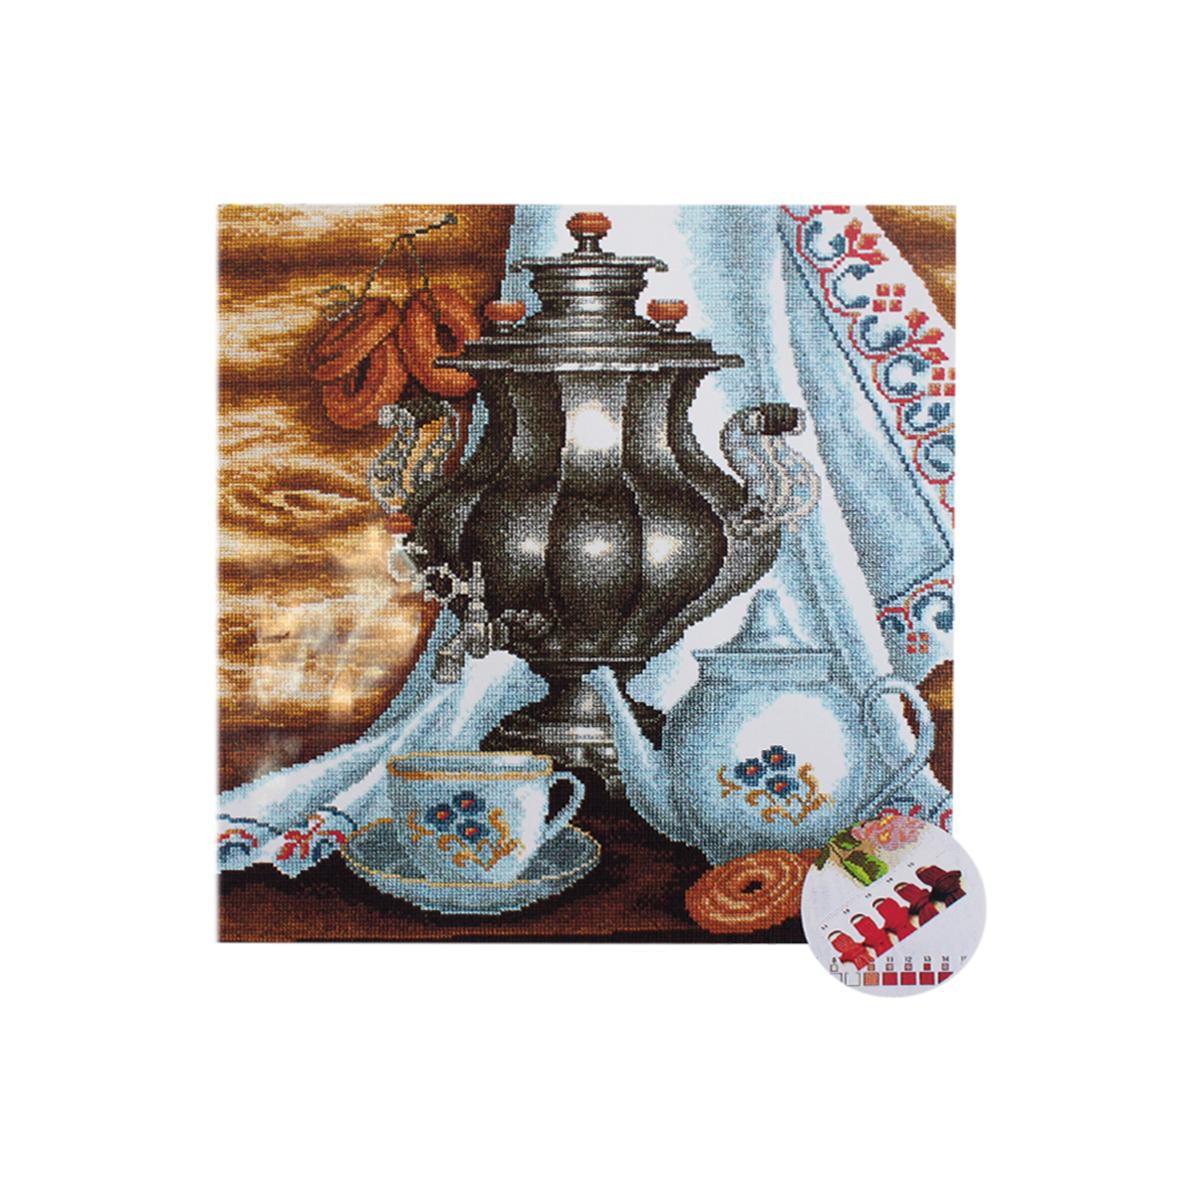 Набор для вышивания РС-Студия Чай с баранками, 50 см х 50 см. 860582250